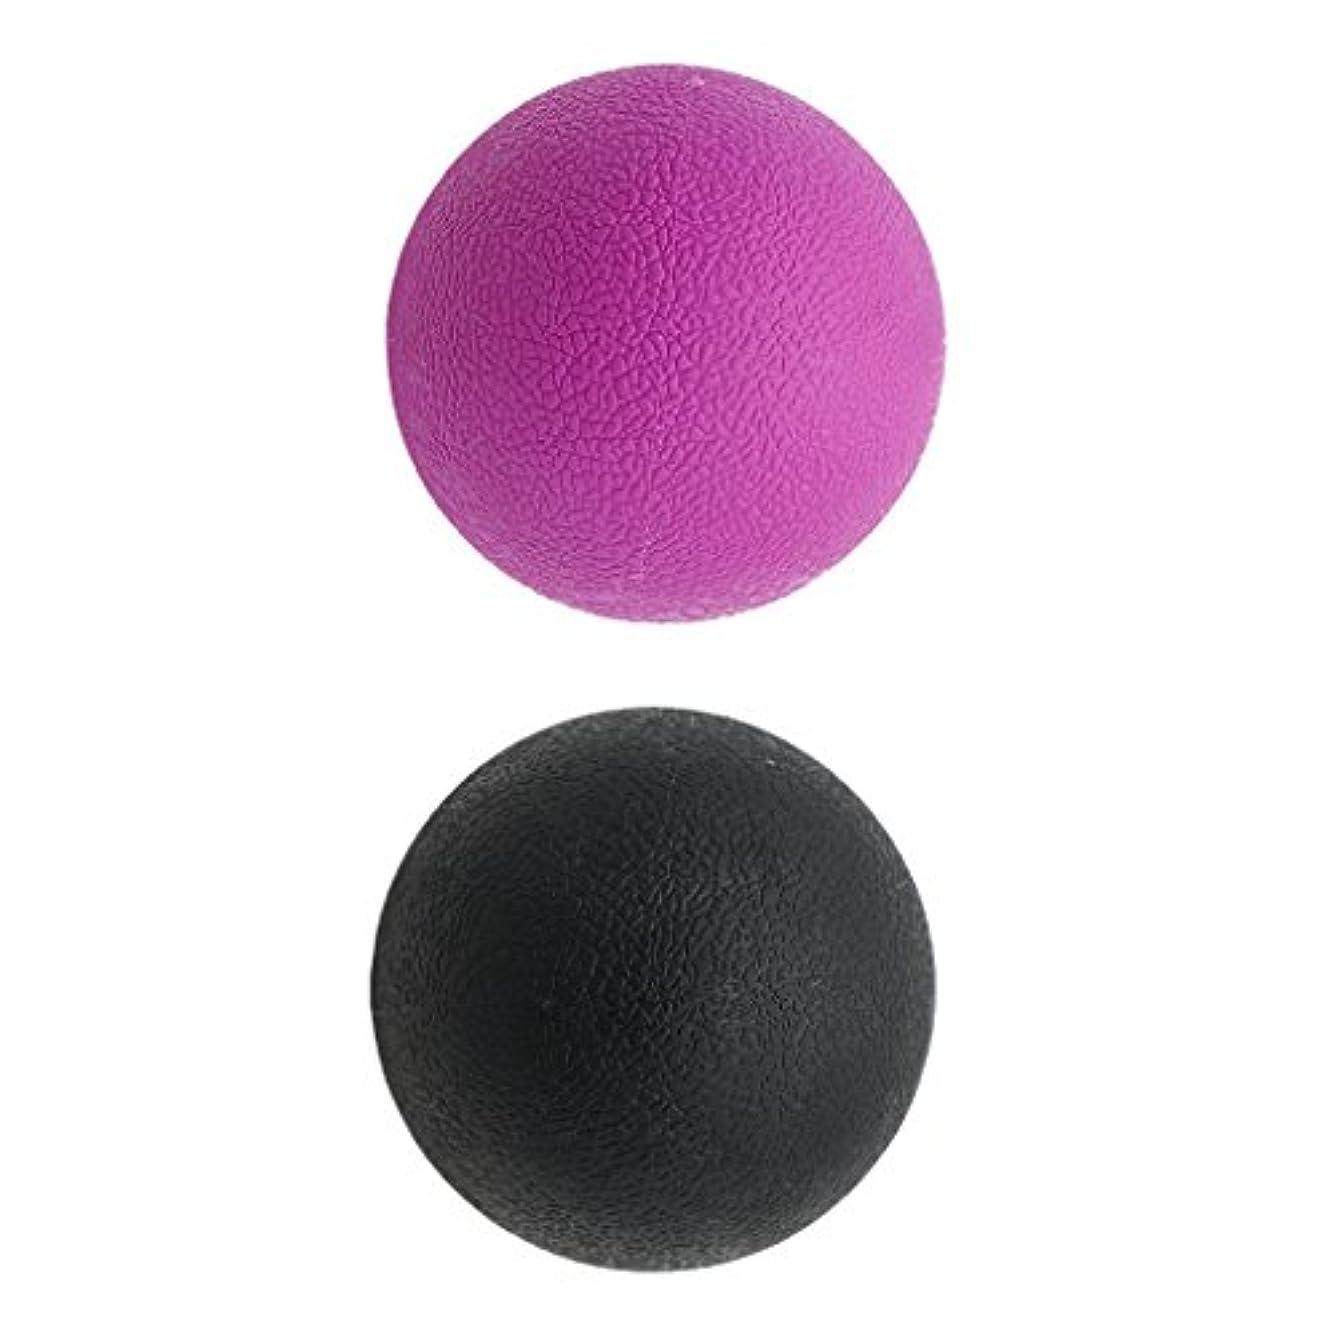 ましいアトミックフィドル2個 マッサージボール ラクロスボール 背部 トリガ ポイント マッサージ 多色選べる - ブラックパープル